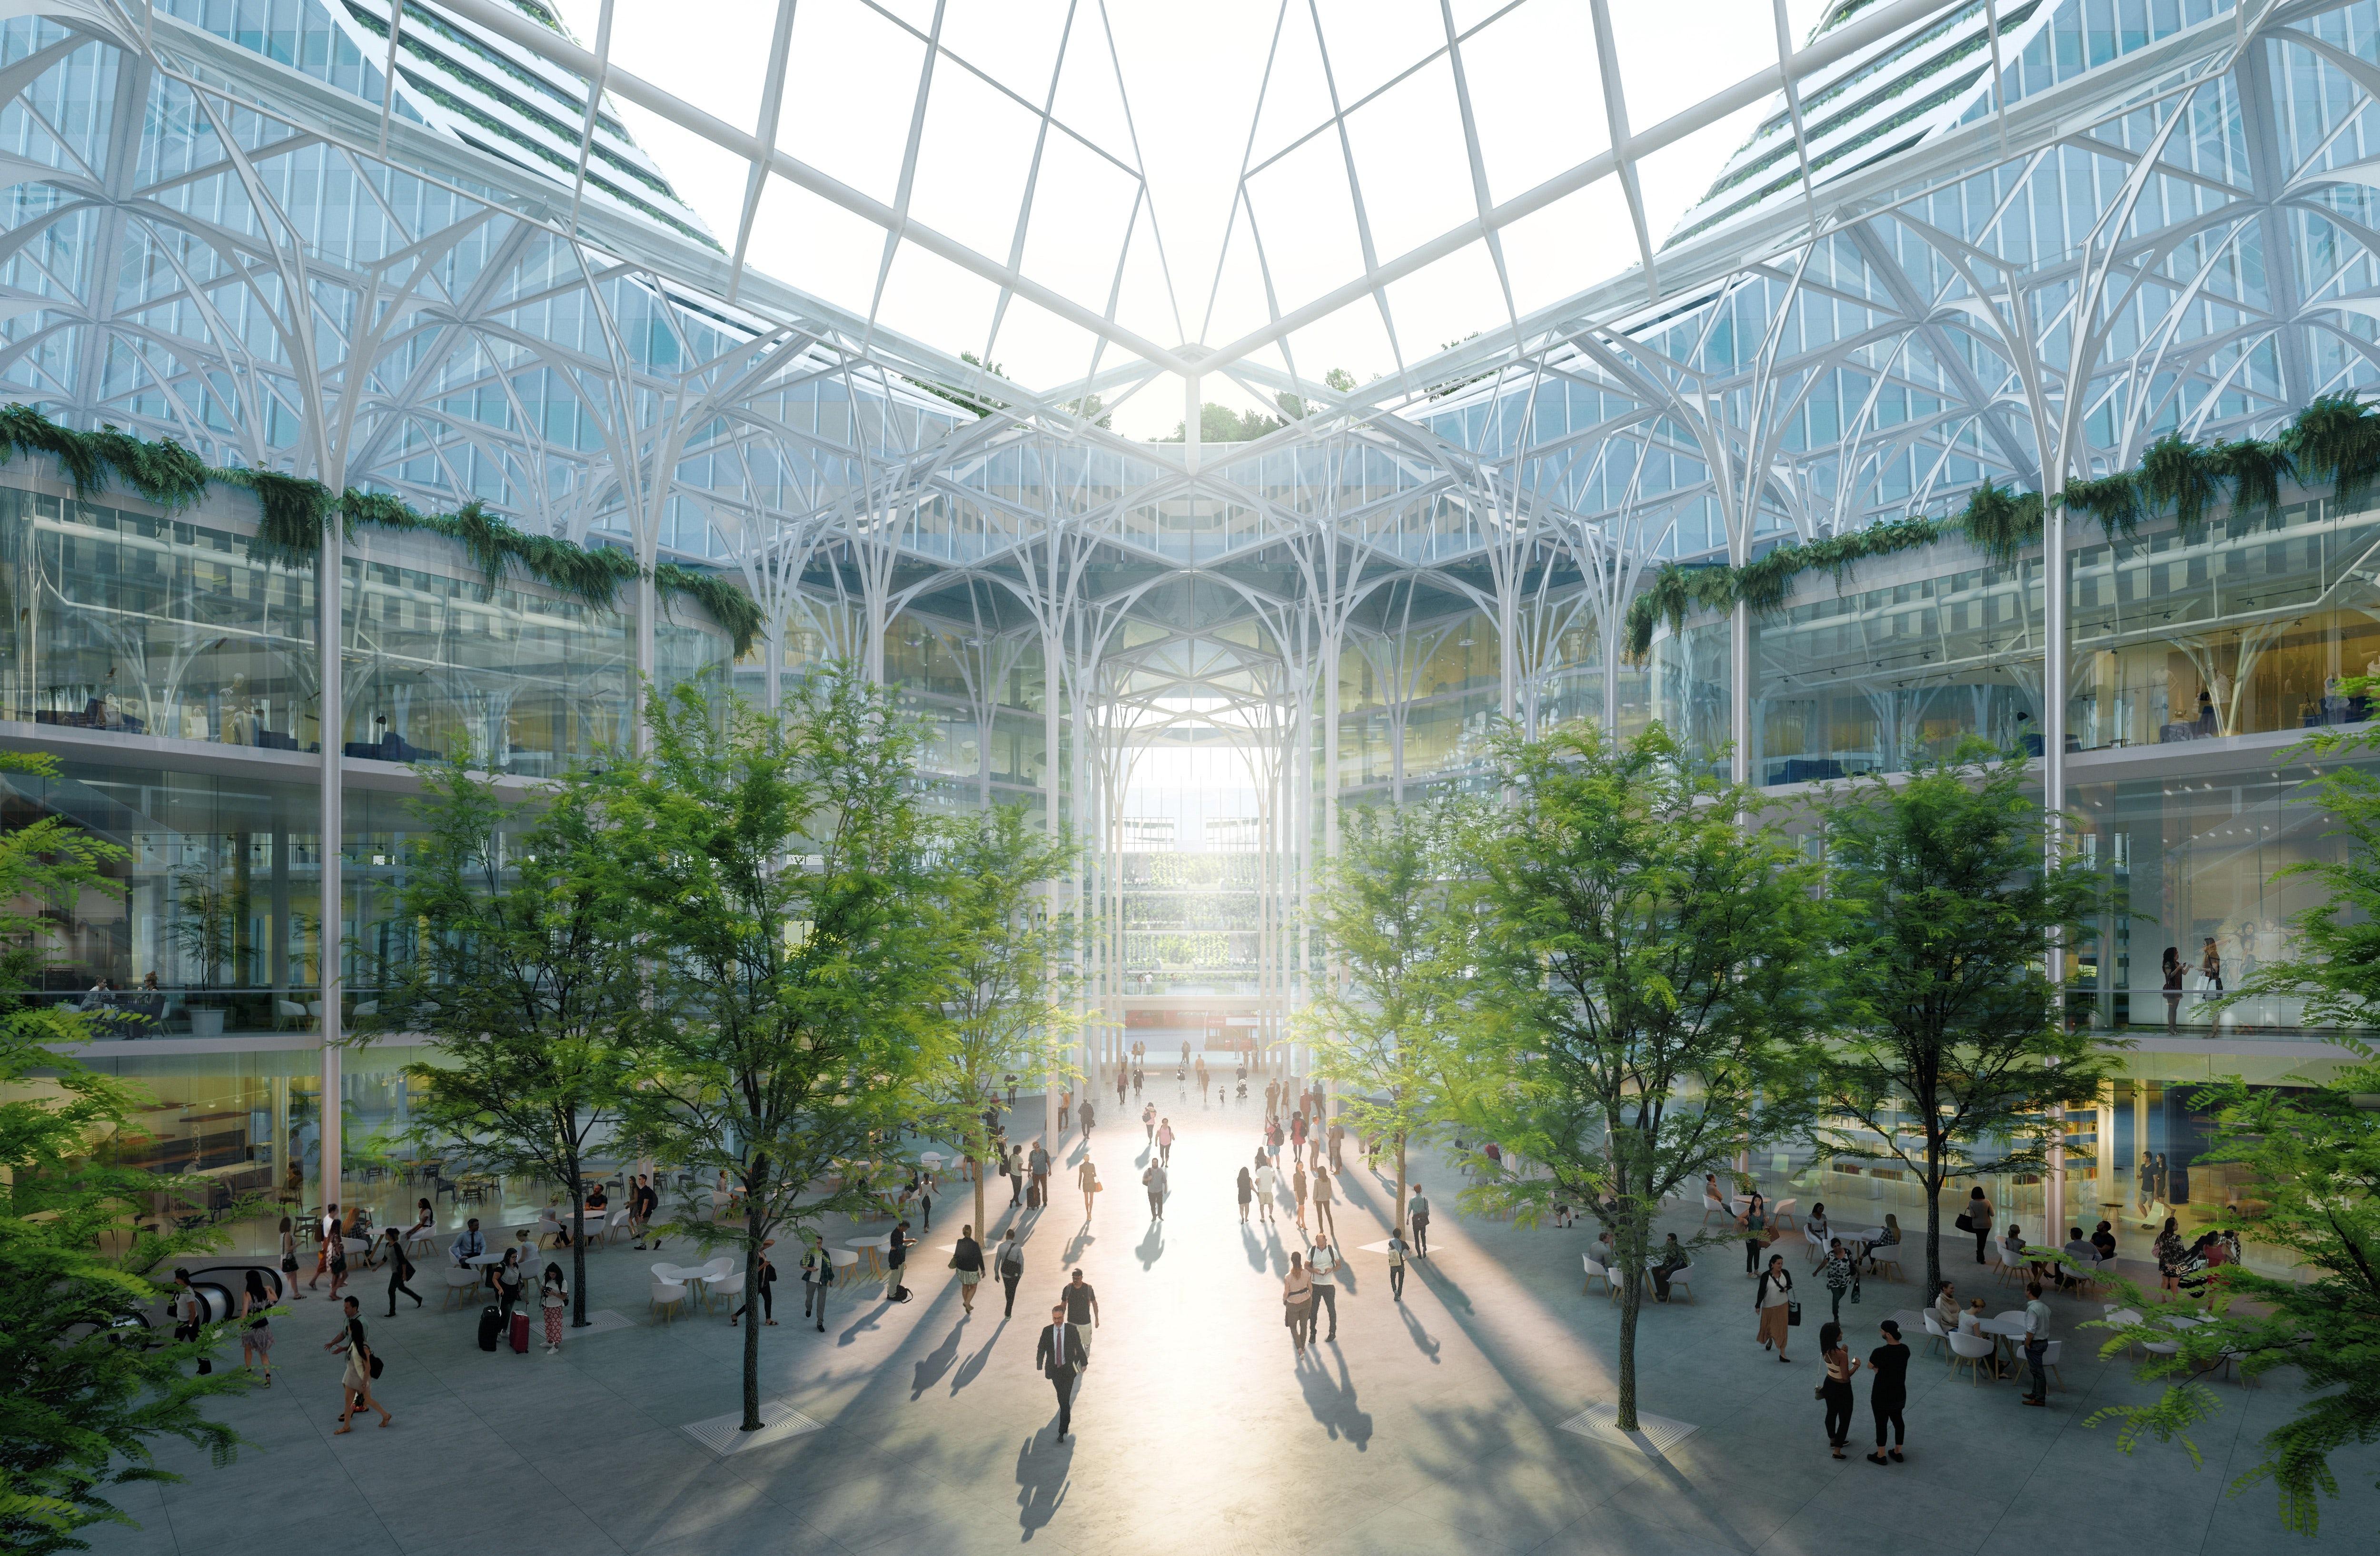 london u0027s new landmark santiago calatrava reveals 1 billion